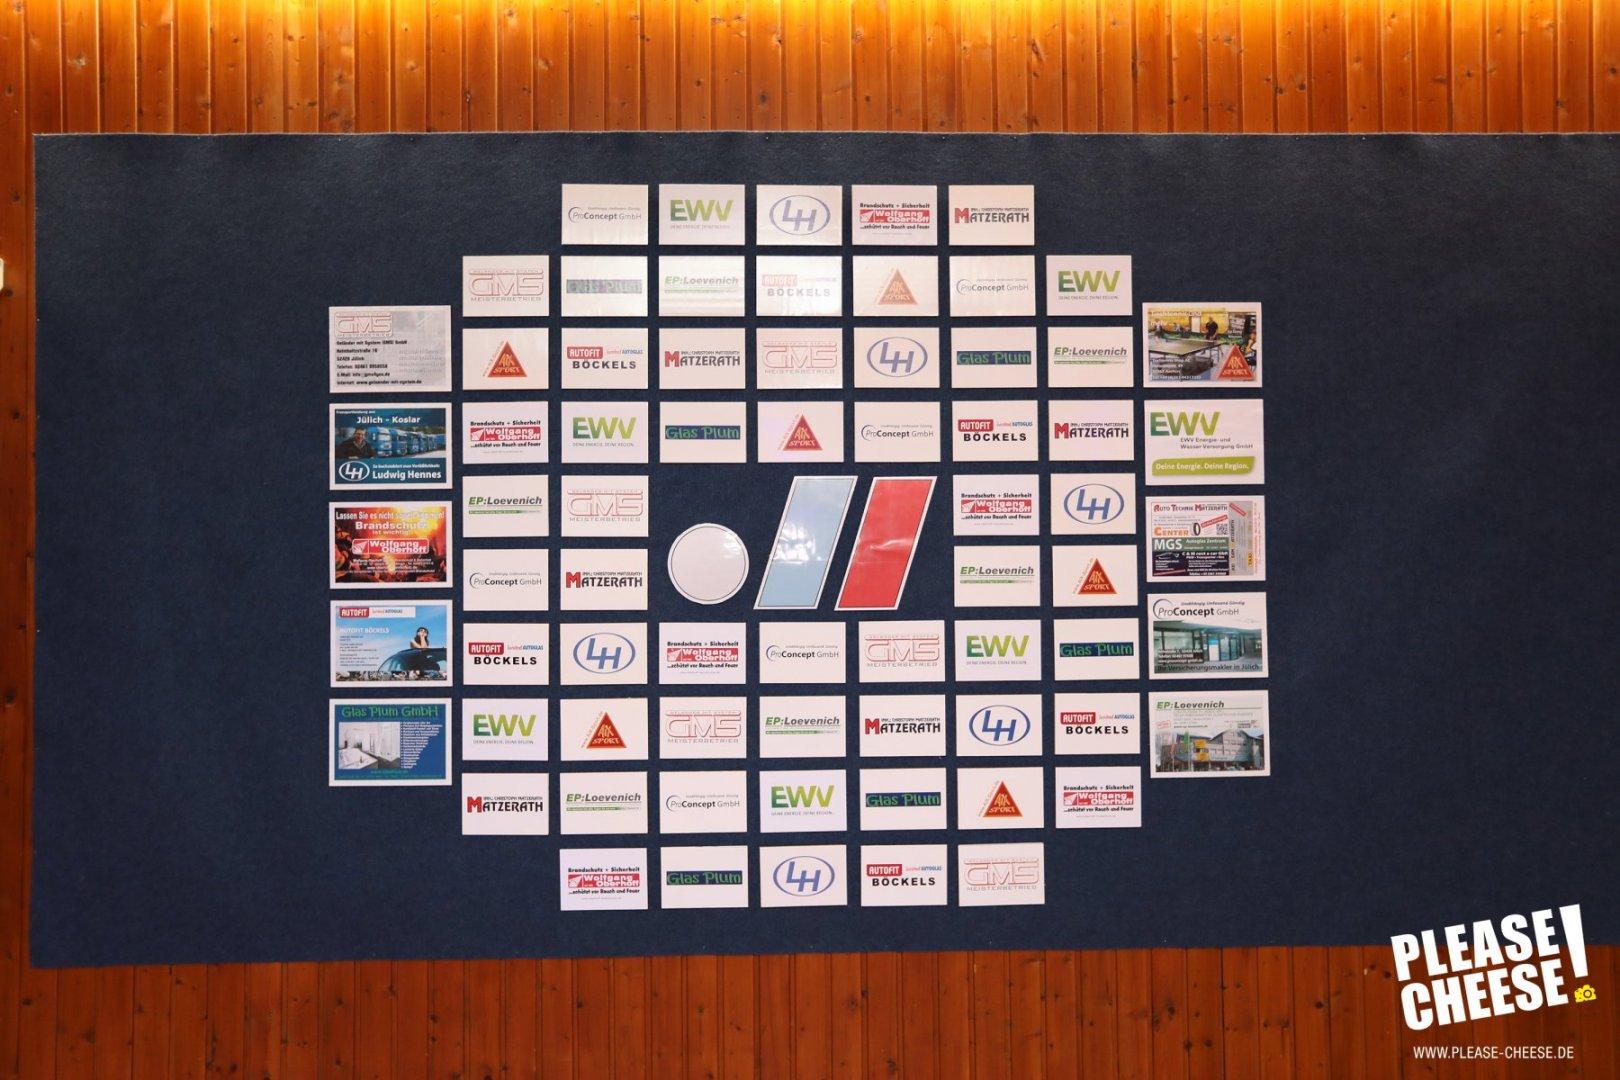 jubilaeum-mersch-pattern-40-jahre0127